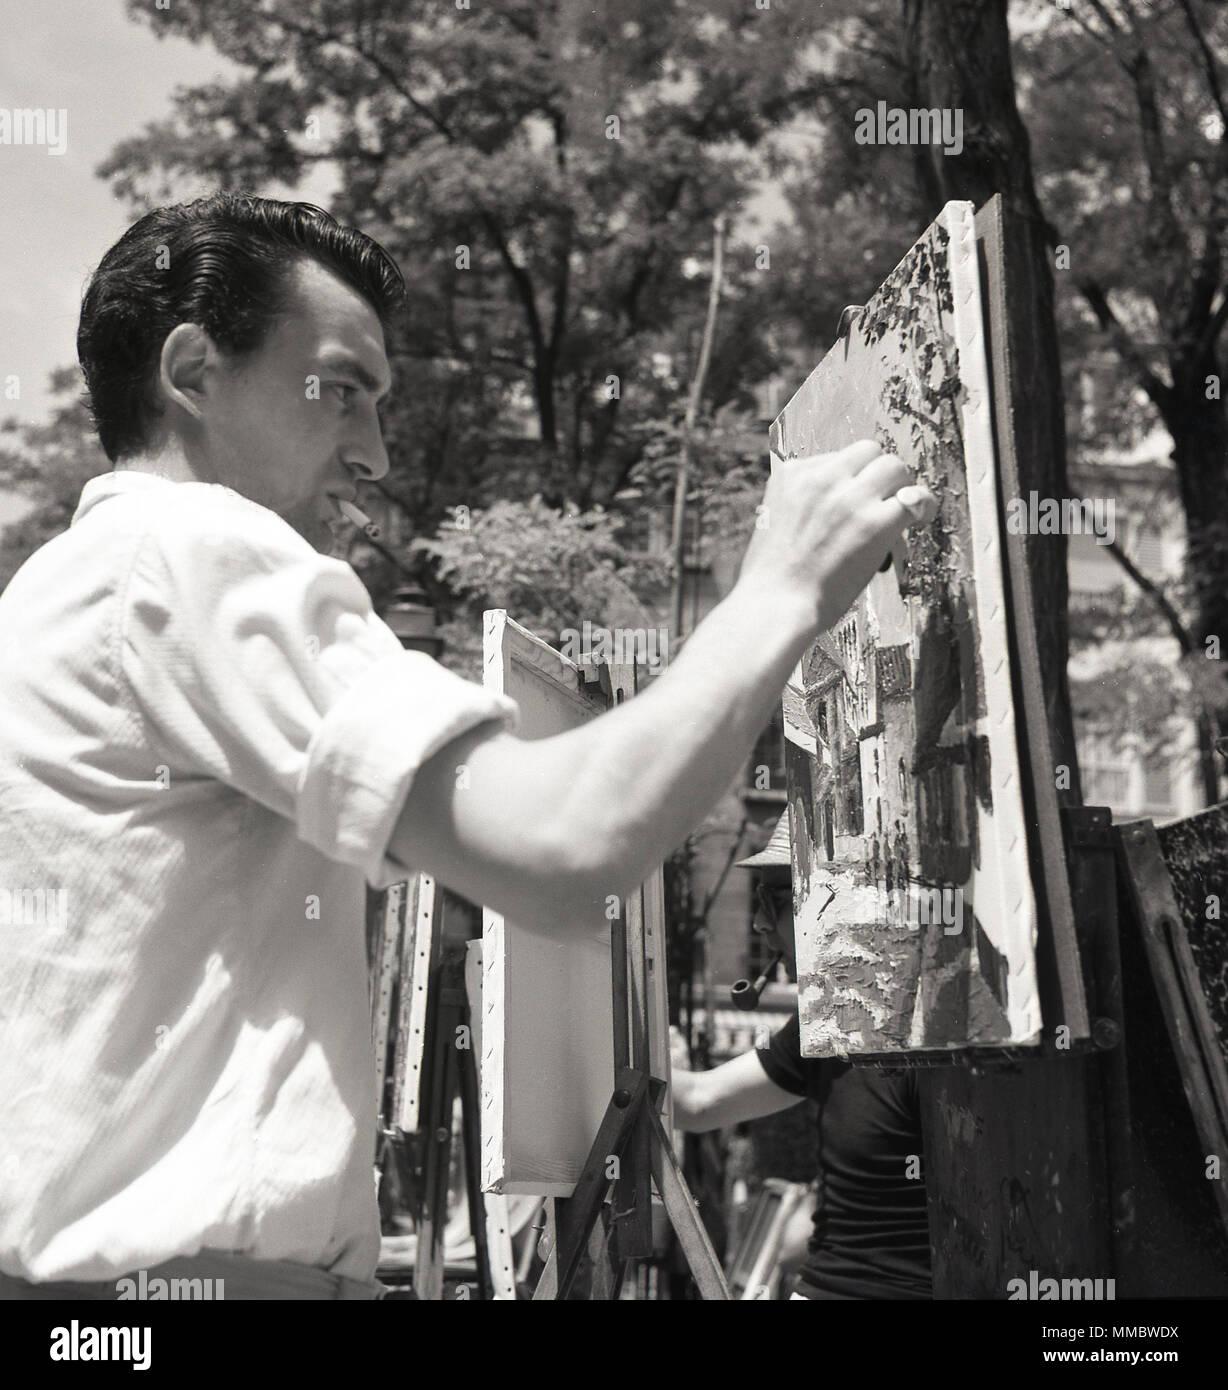 1950, foto histórica, un artista callejero masculino pintura sobre un lienzo afuera, en la Place du Tertre, una plaza a Montmartre en París, Francia, famosa por sus artistas y su historia artística. Imagen De Stock